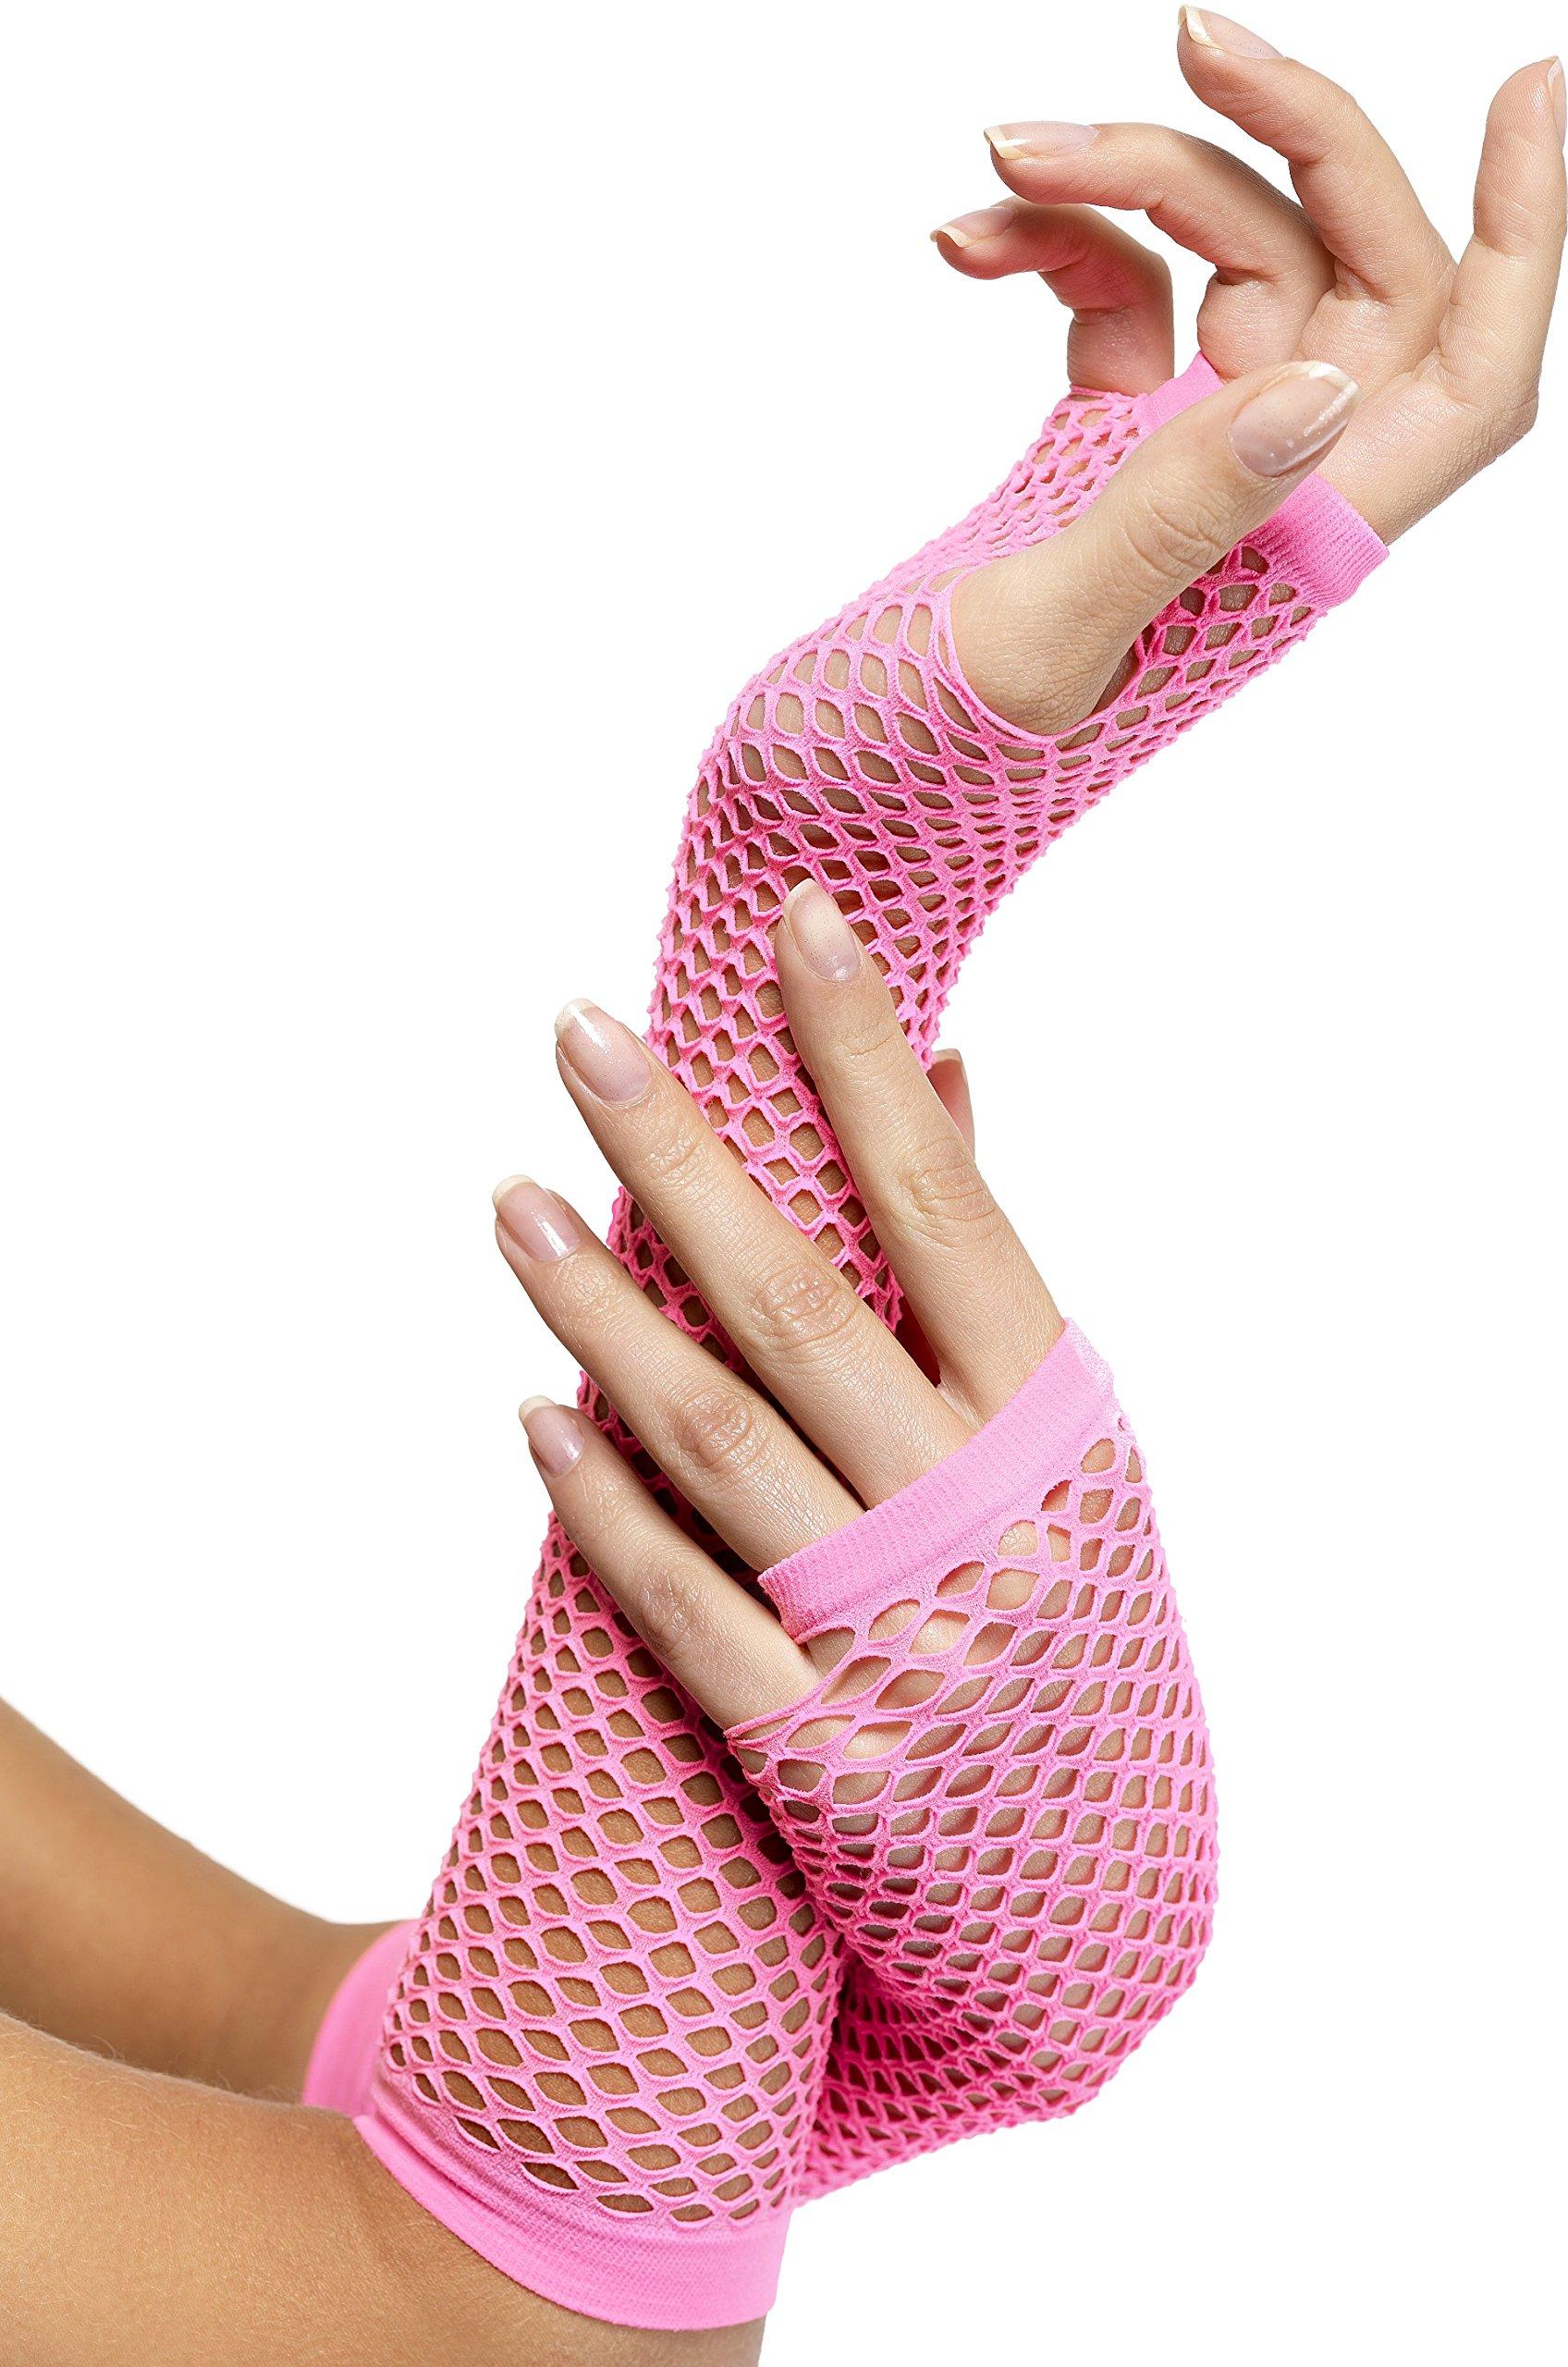 Seeksmile 80s Party Accessory Net Fingerless Fishnet Gloves